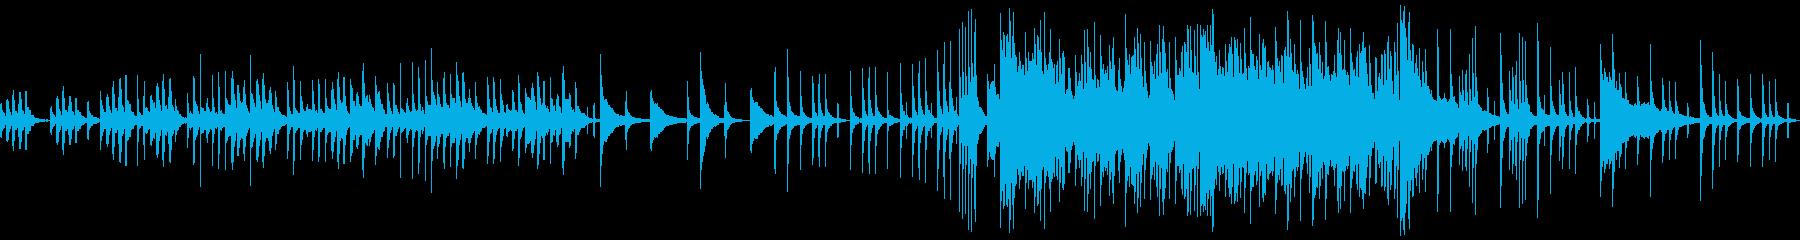 中国伝統楽器を使ったBGM【ループ】の再生済みの波形